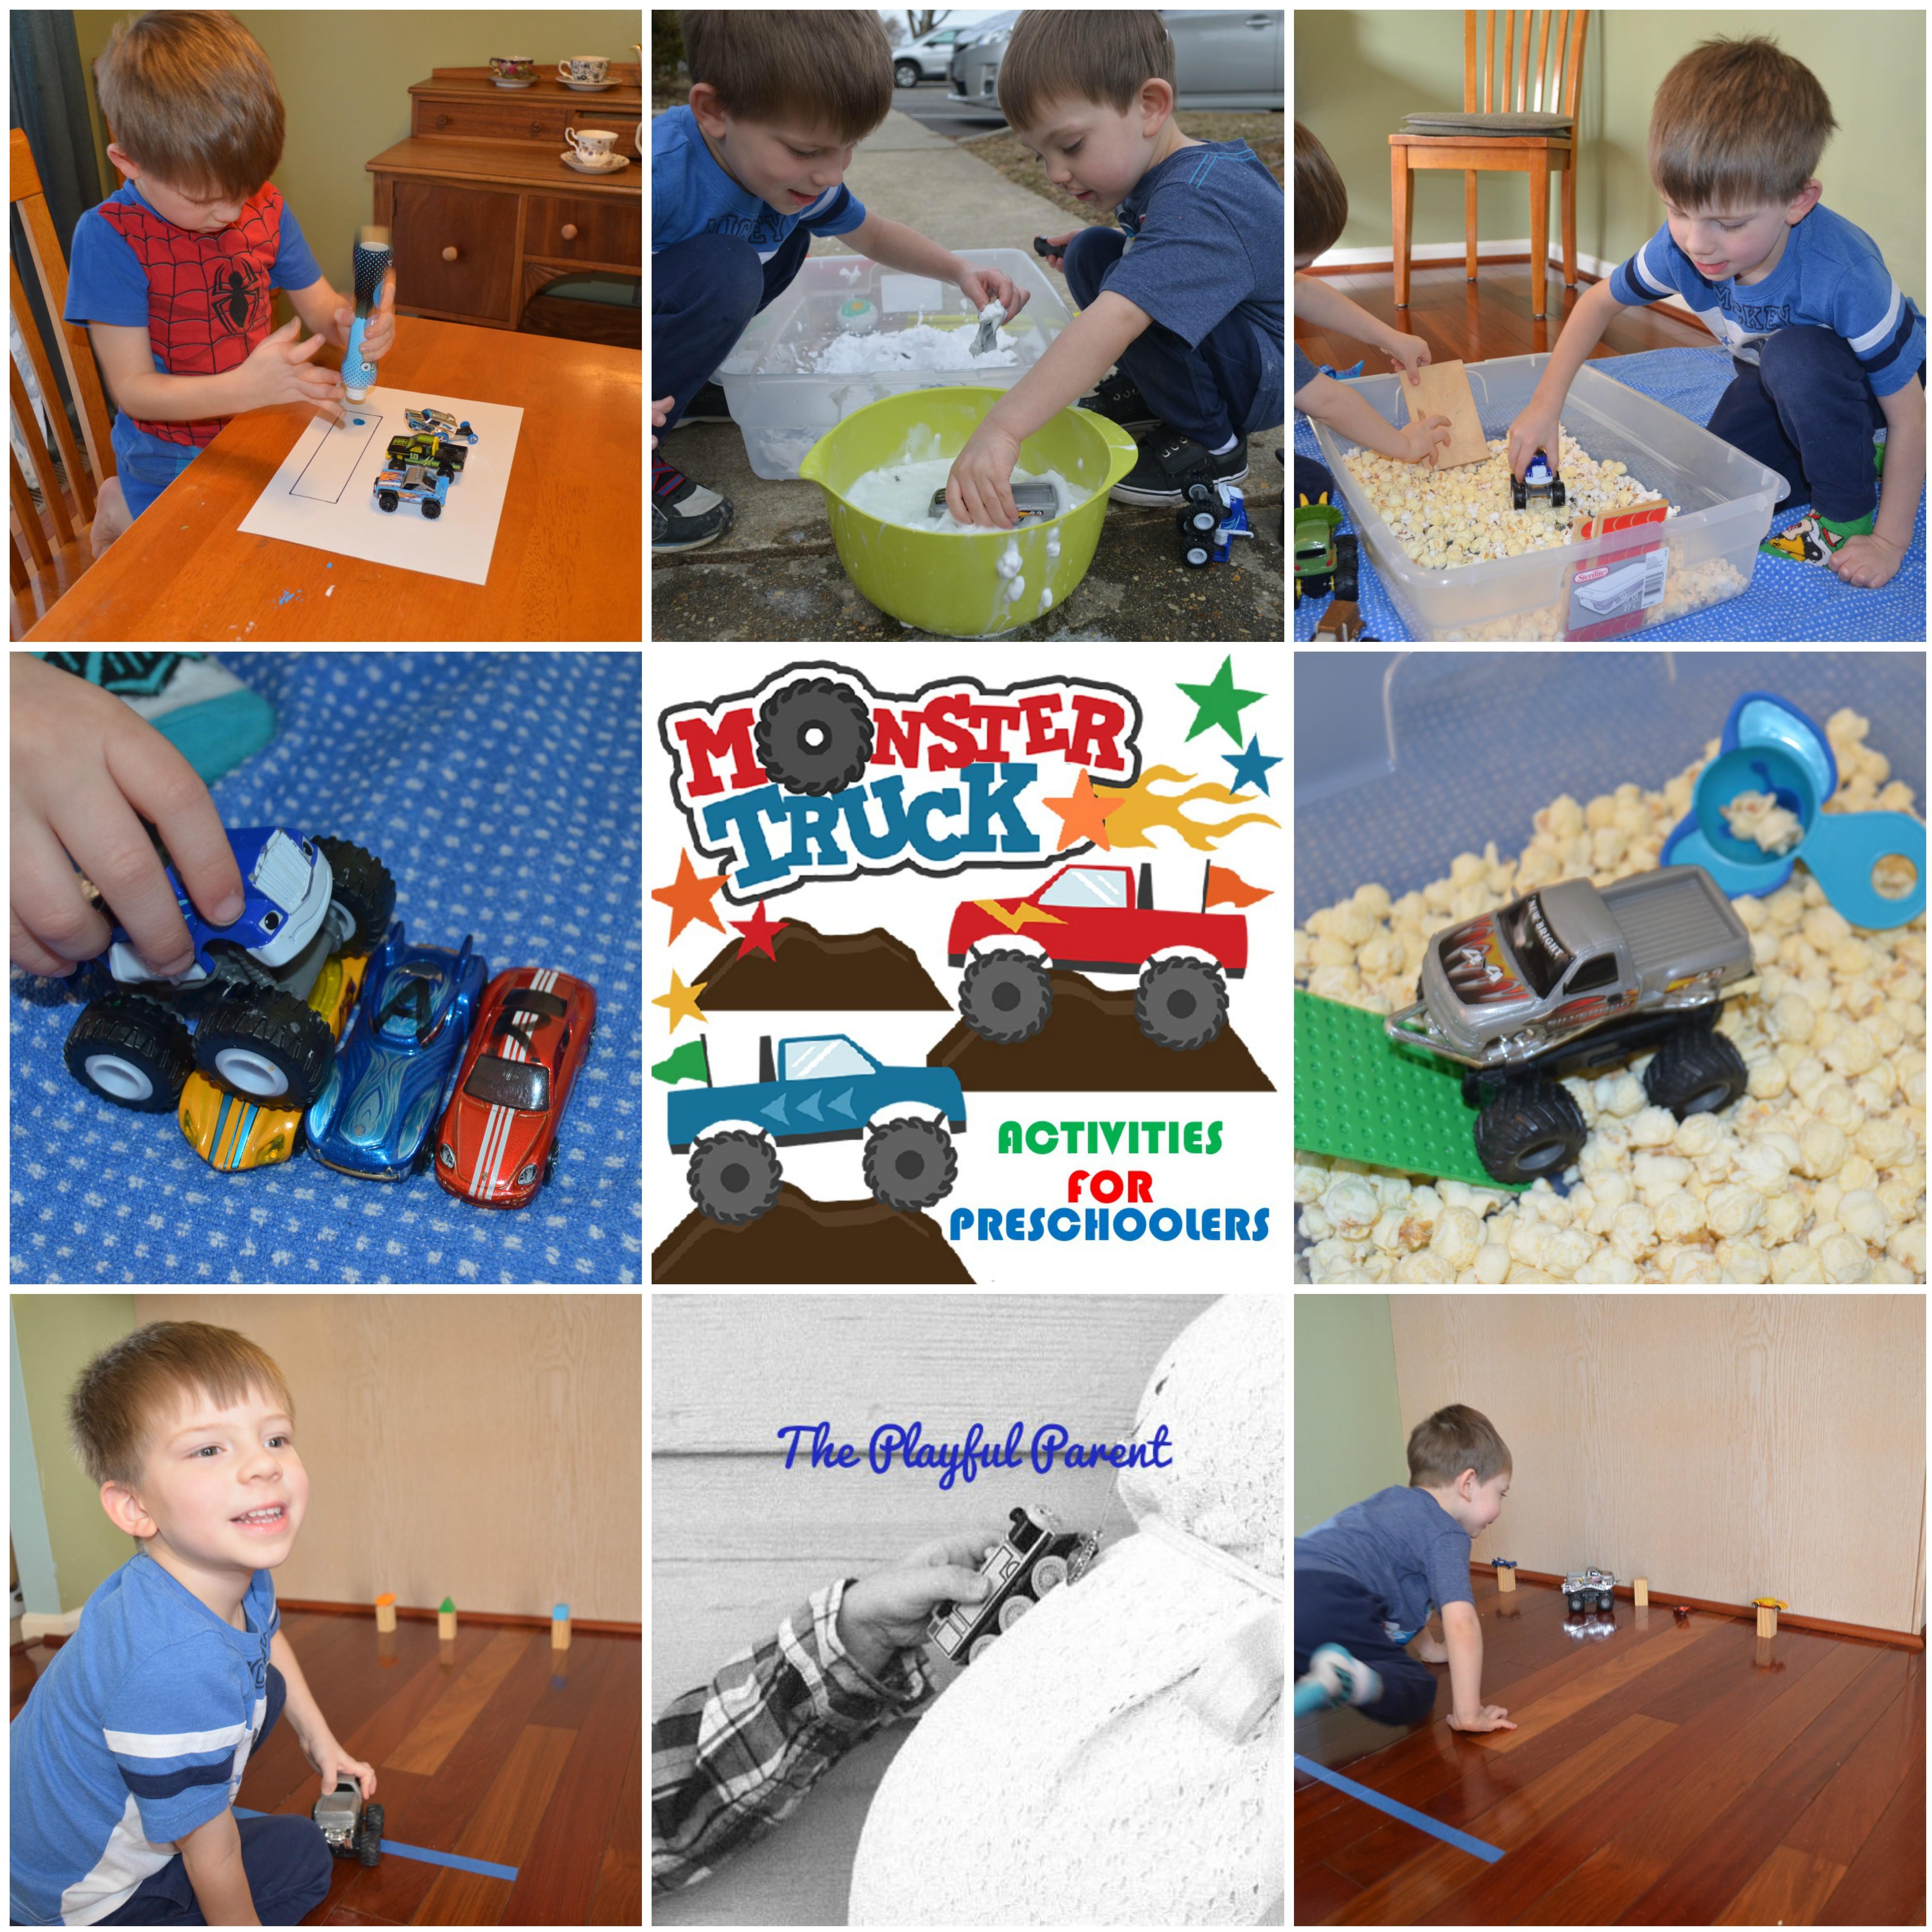 Five Monster Truck Activities For Preschoolers